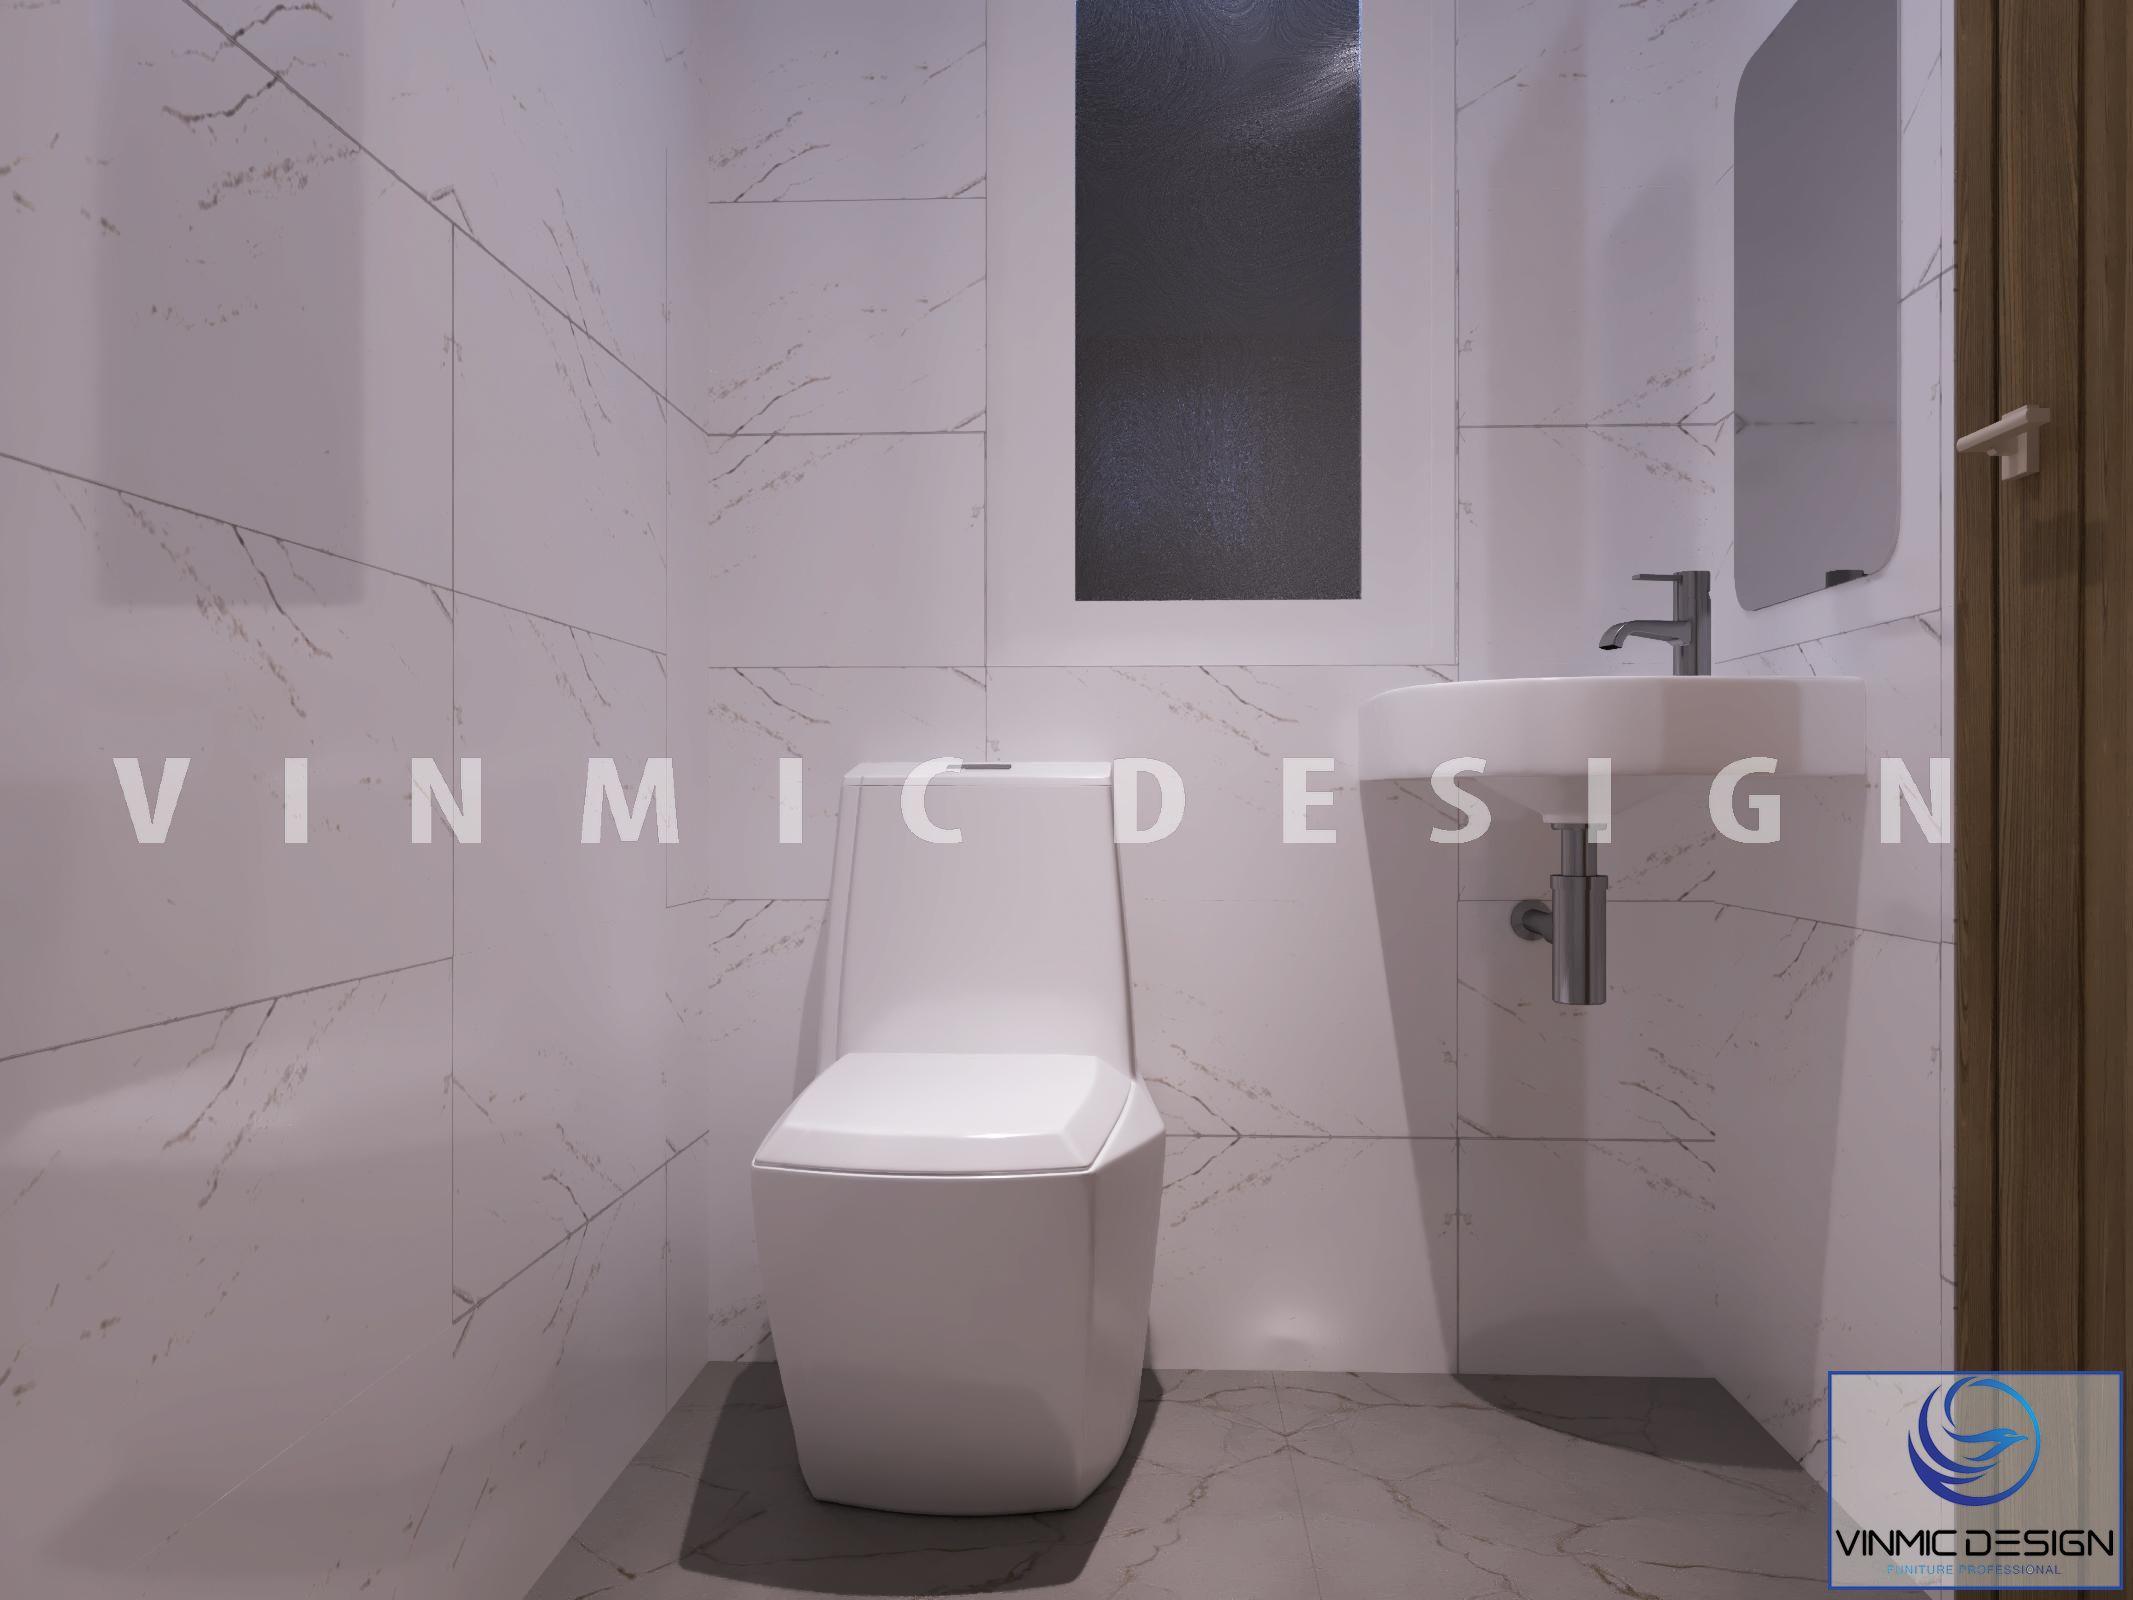 Thiết kế nhà vệ sinh thu nhỏ phù hợp để tiết kiệm không gian nhà vườn tại phố Kim Sơn - Ninh Bình